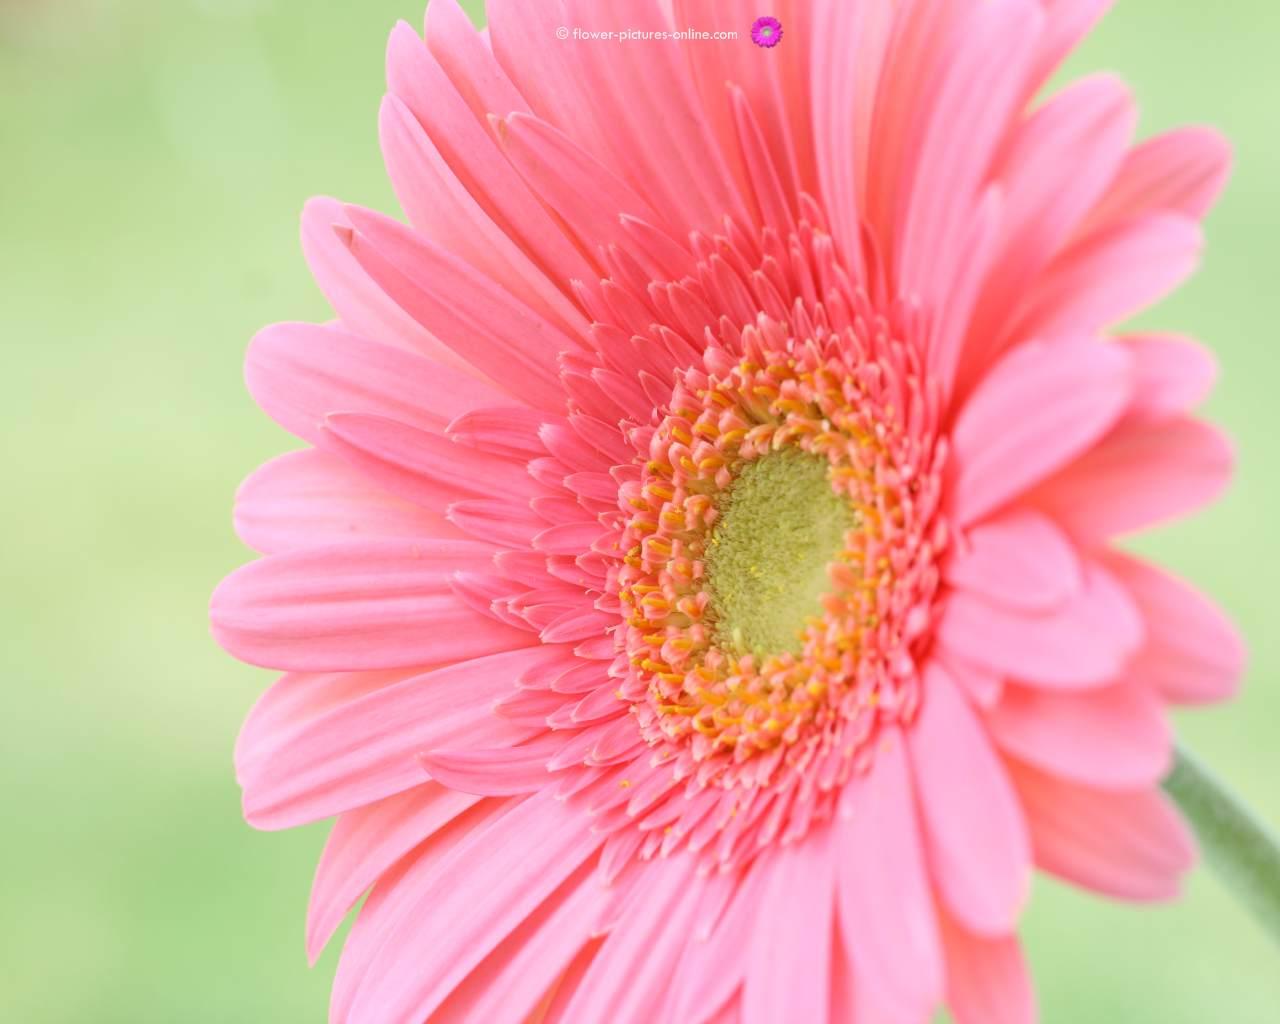 Flower wallpaper for desktop wallpapersafari flower wallpaper for desktop flower wallpaper for desktop 1280x1024 mightylinksfo